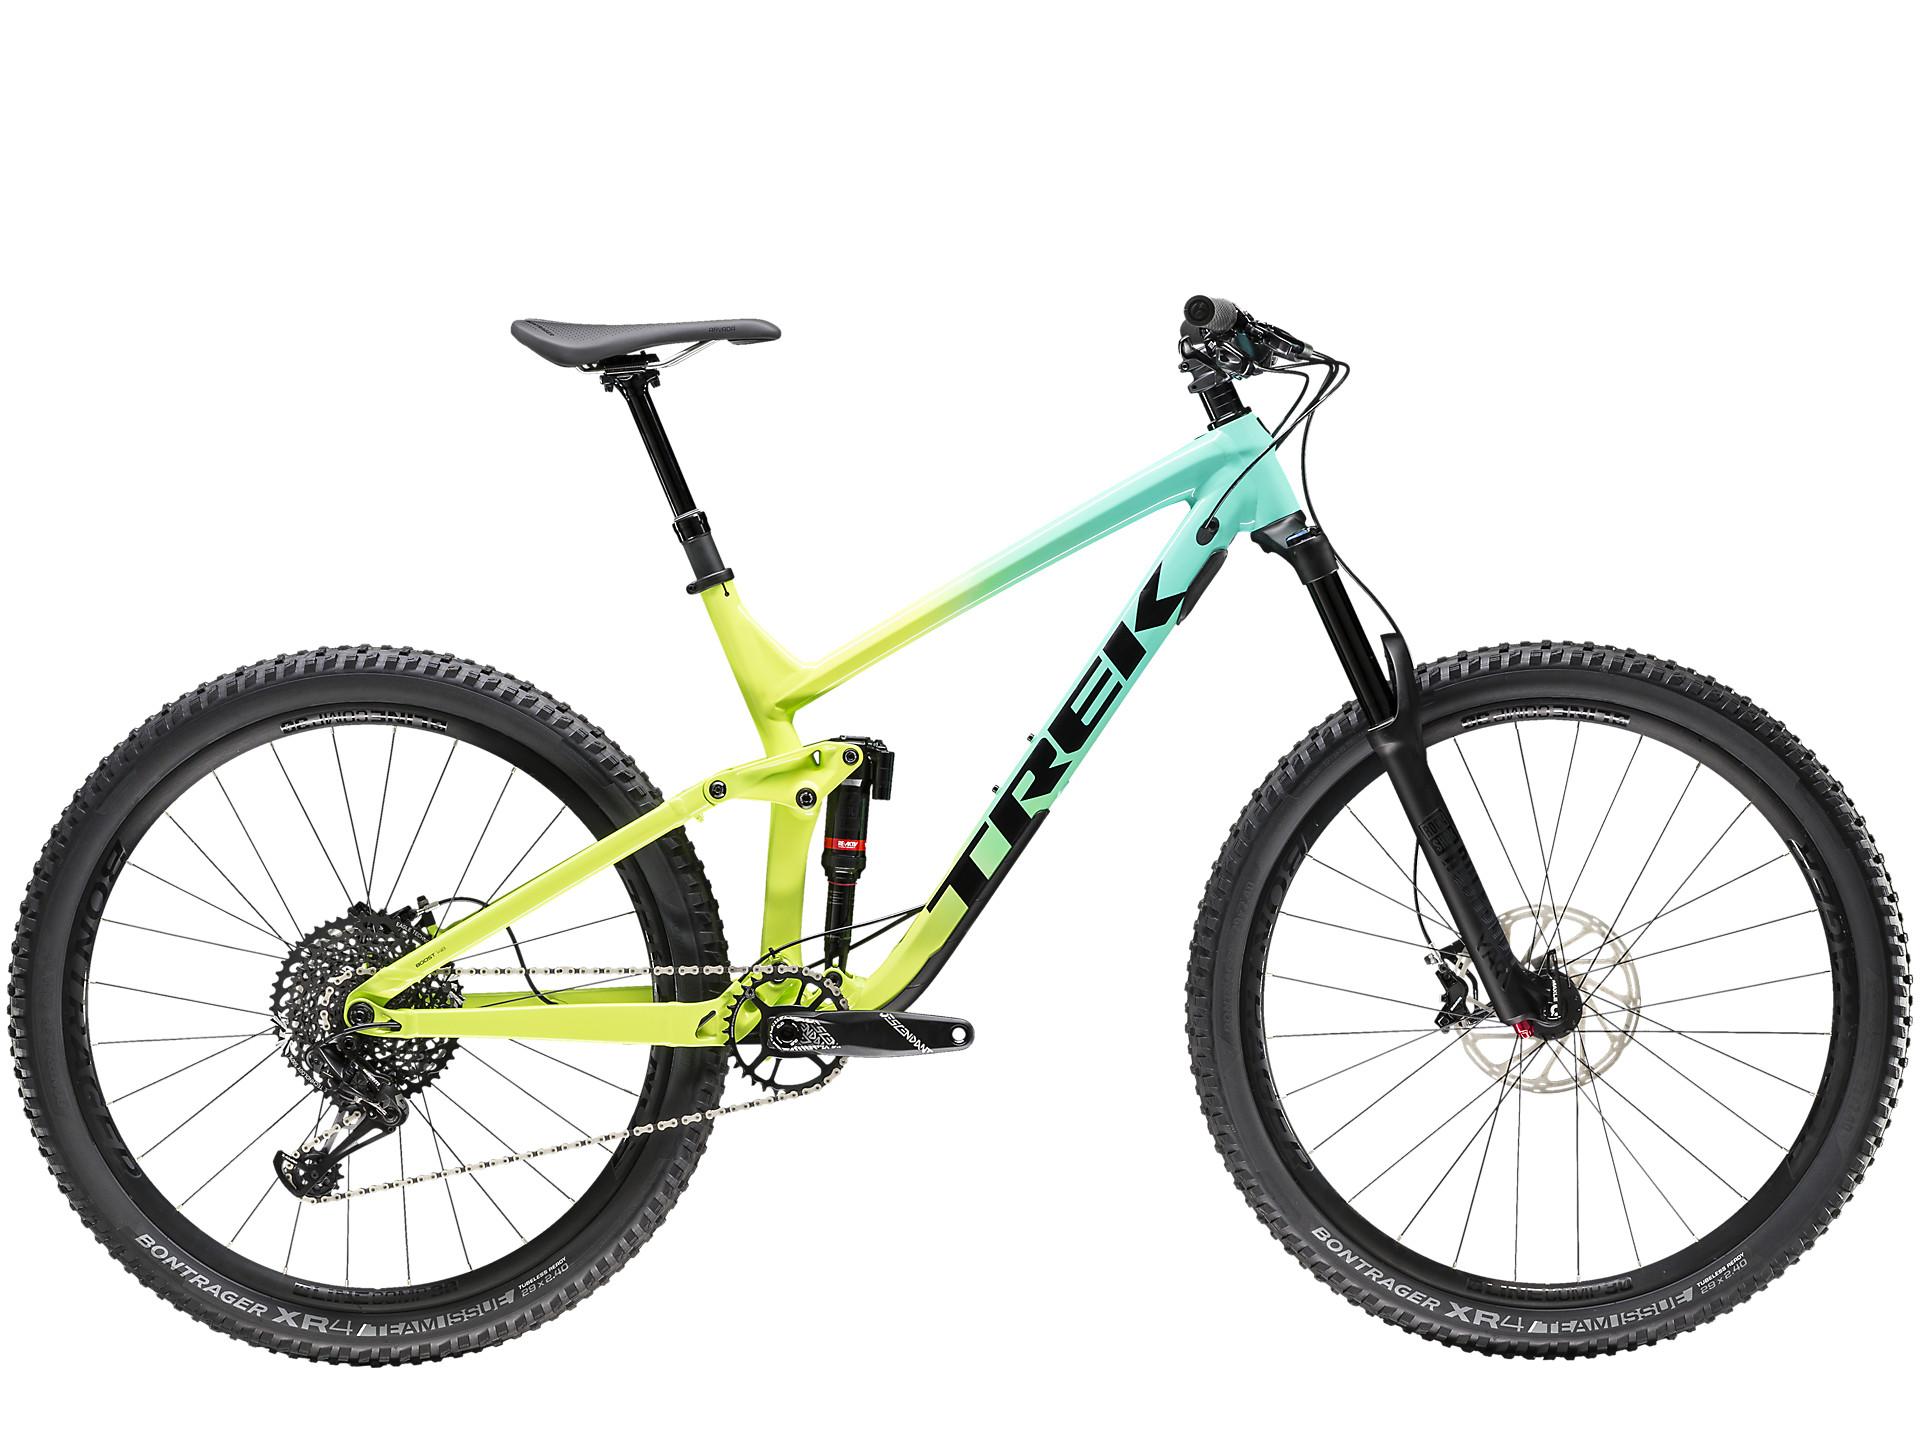 060315c84 Mountain bikes